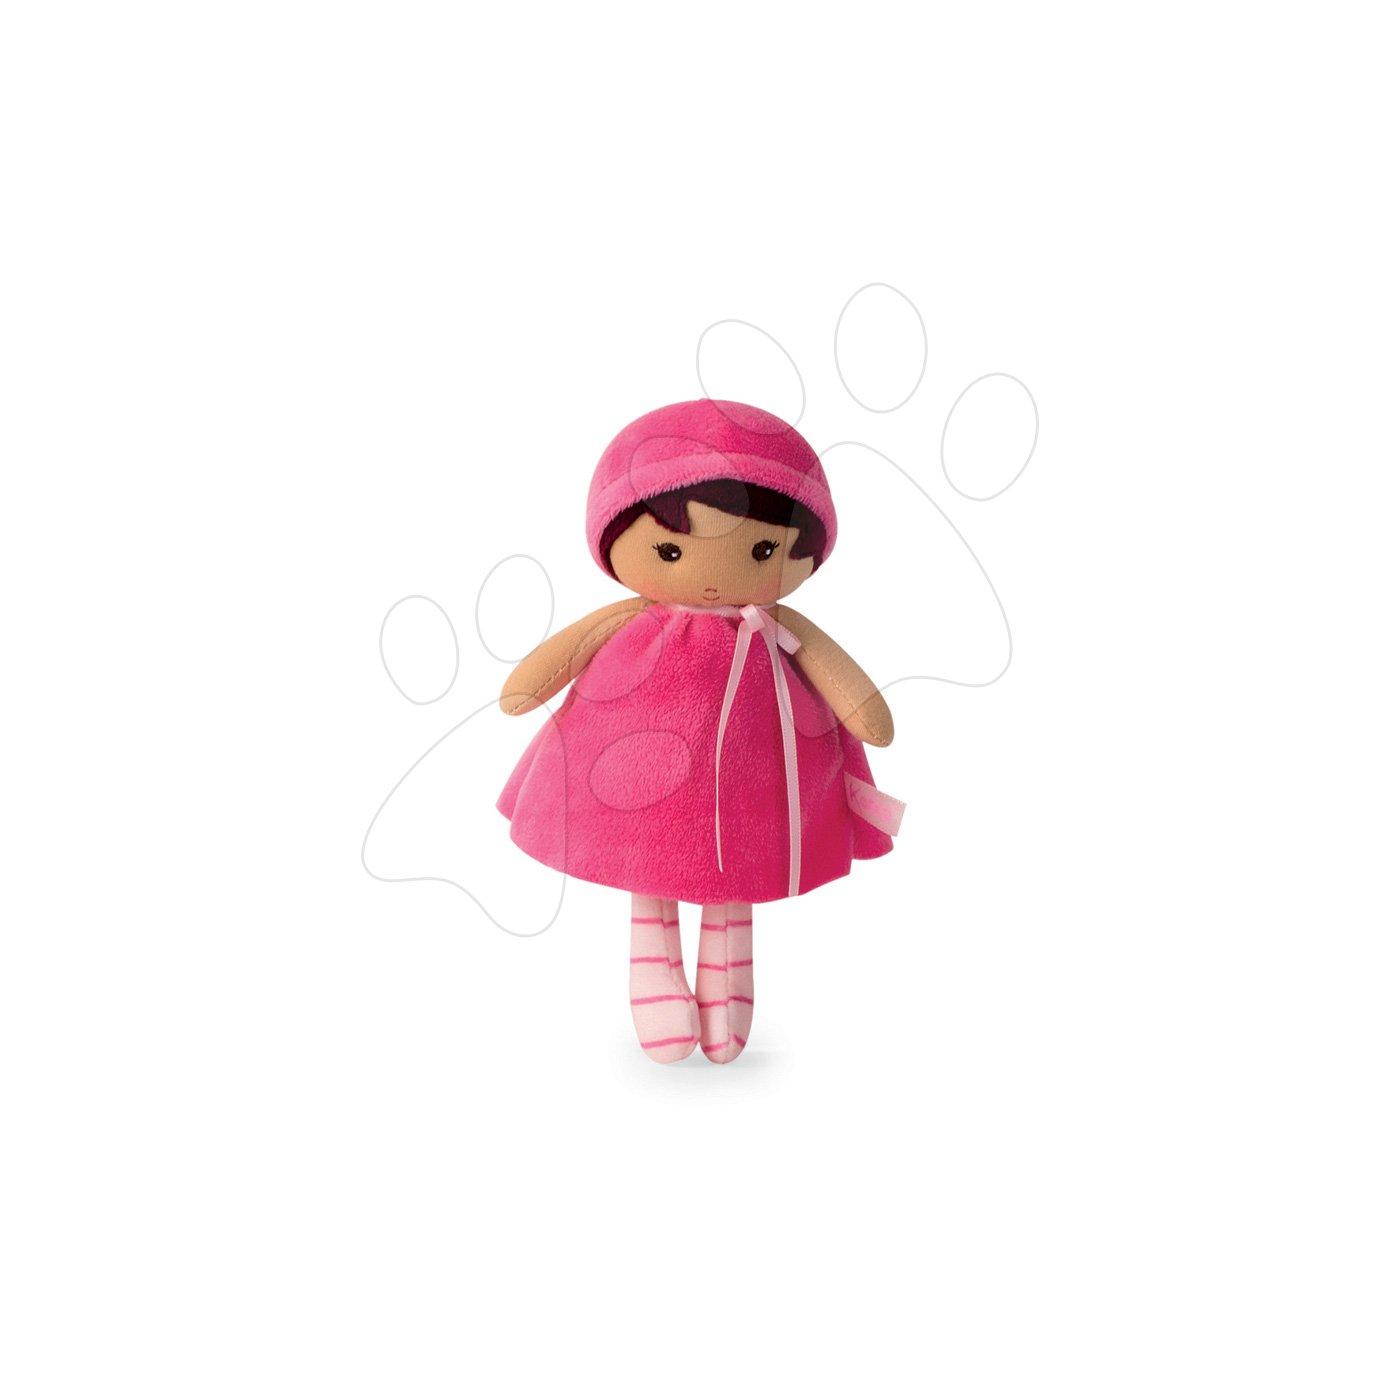 Kaloo panenka pro miminka Emma K Tendresse 18 cm v růžových šatech z jemného textilu v dárkovém balení 962096